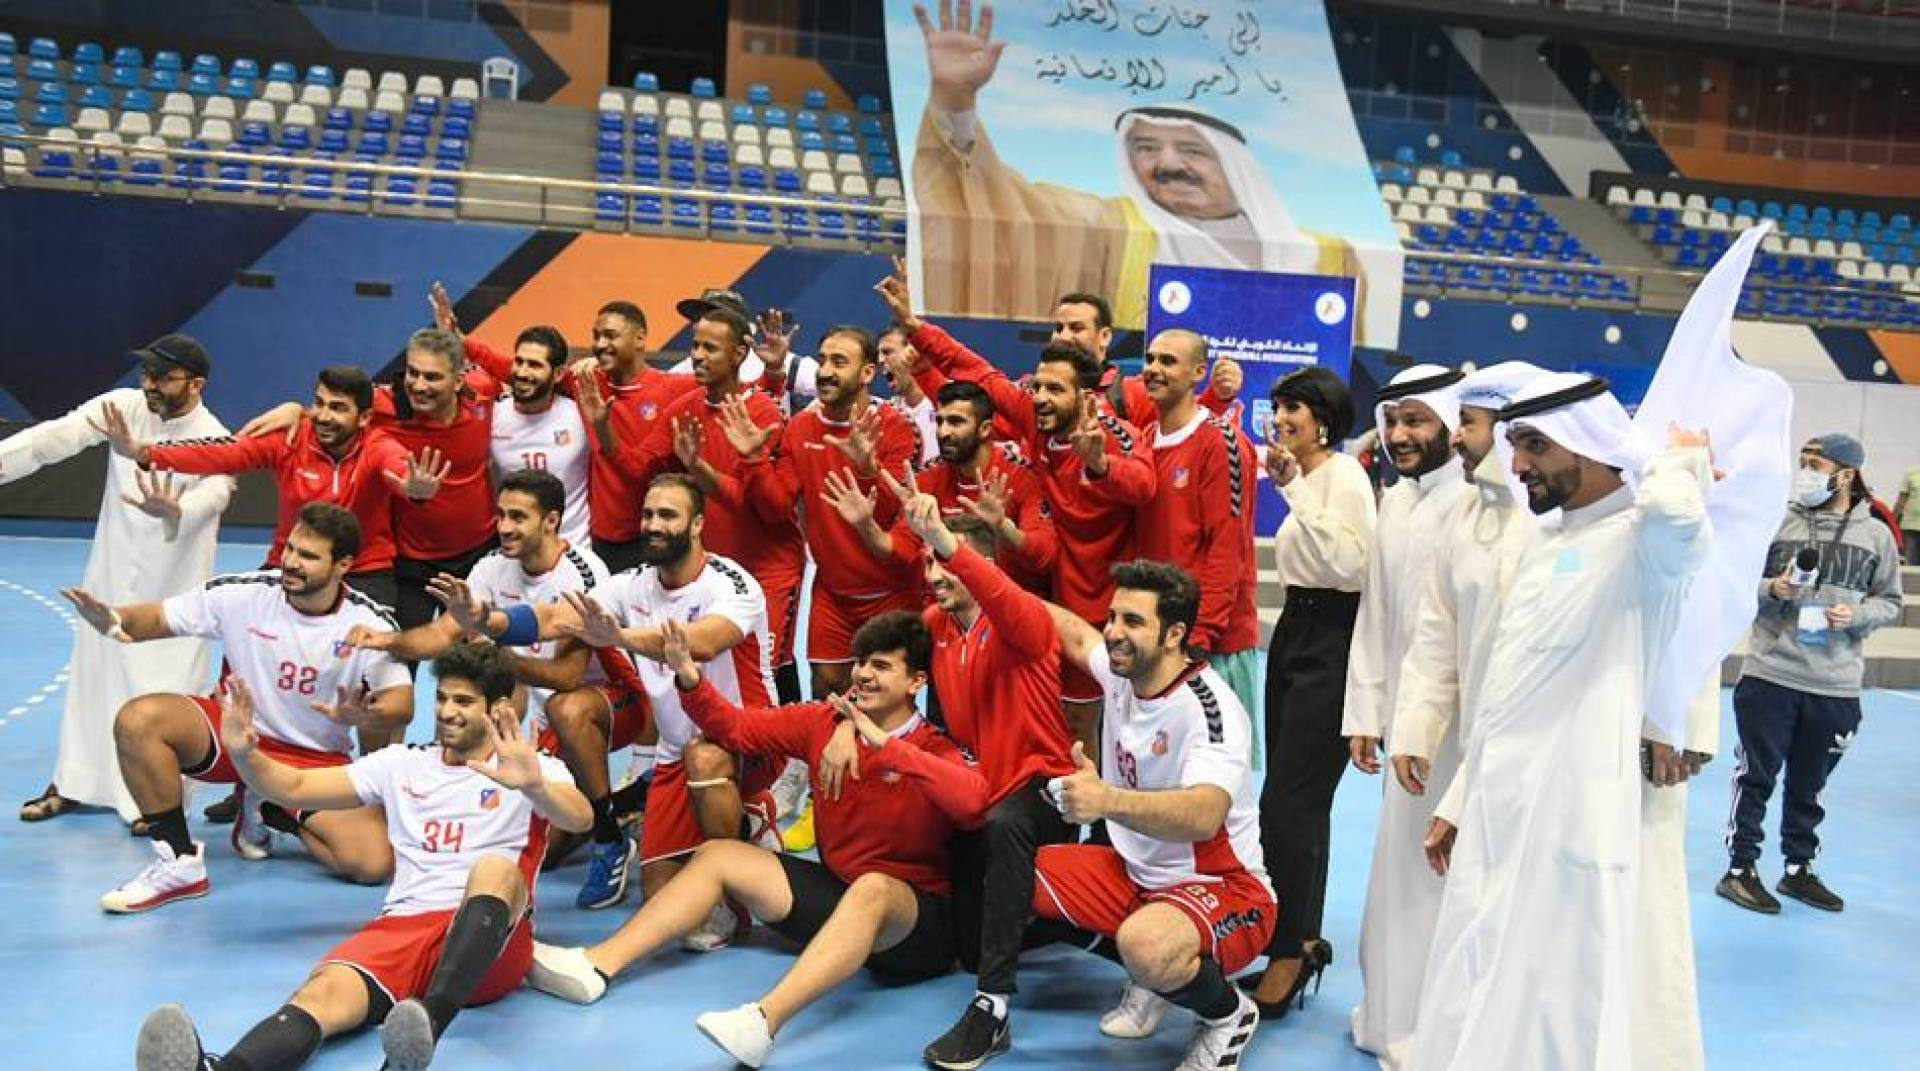 نادي الكويت يتوّج بلقب كأس الاتحاد المحلي لكرة اليد